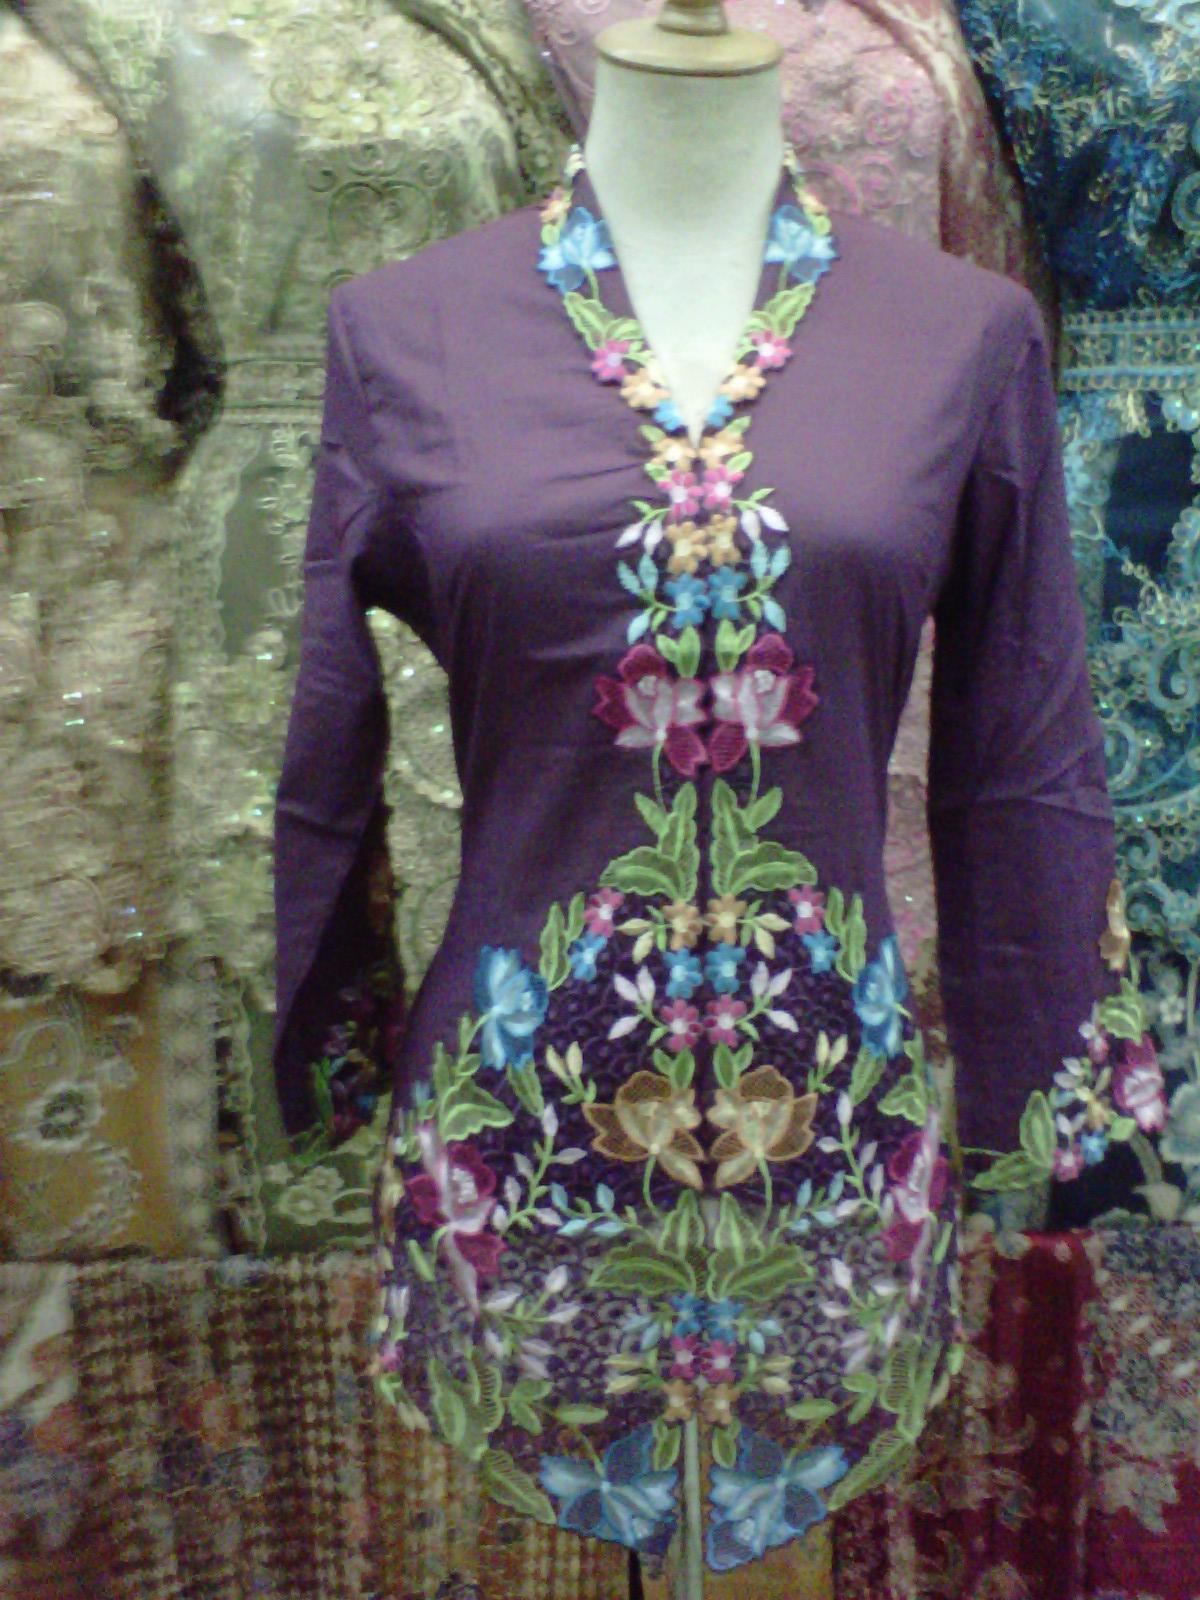 pusat toko grosir solo batik murah klewer surakarta grosir baju murah